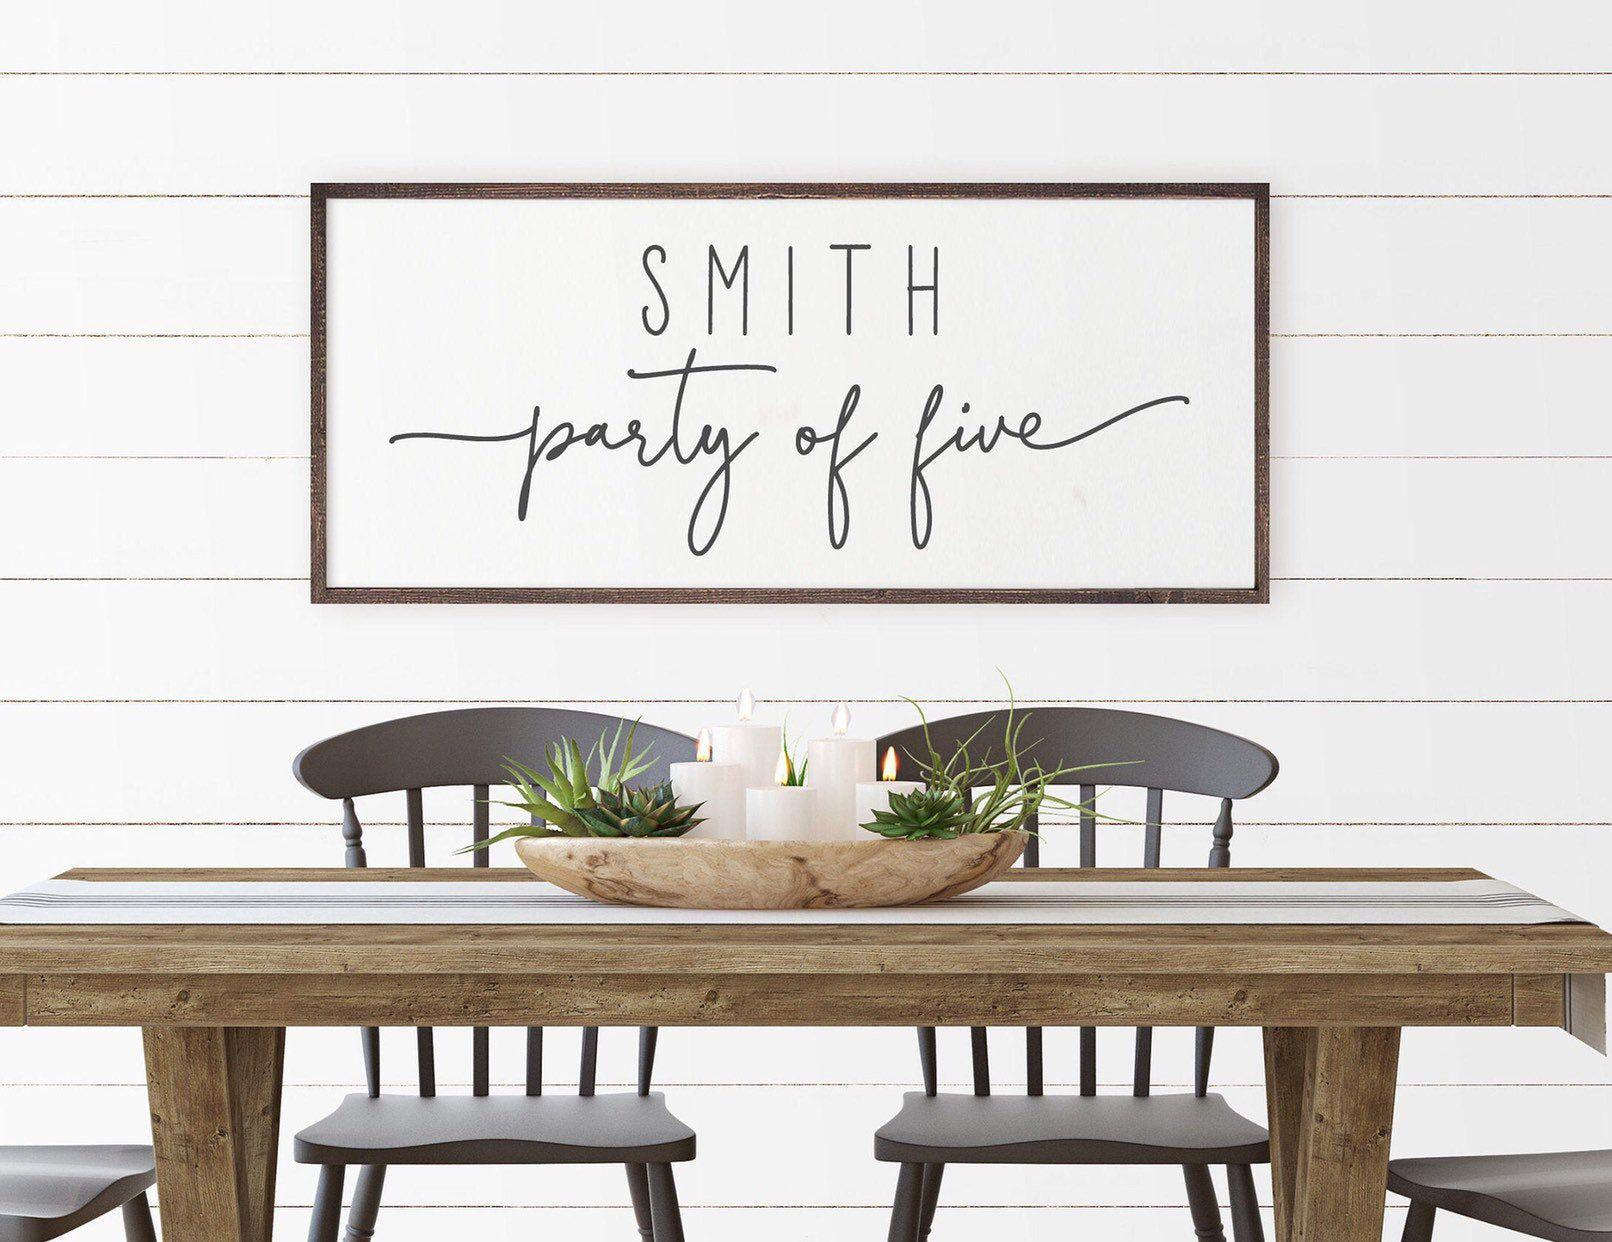 Dining Room Wall Art, Dining Room Signs